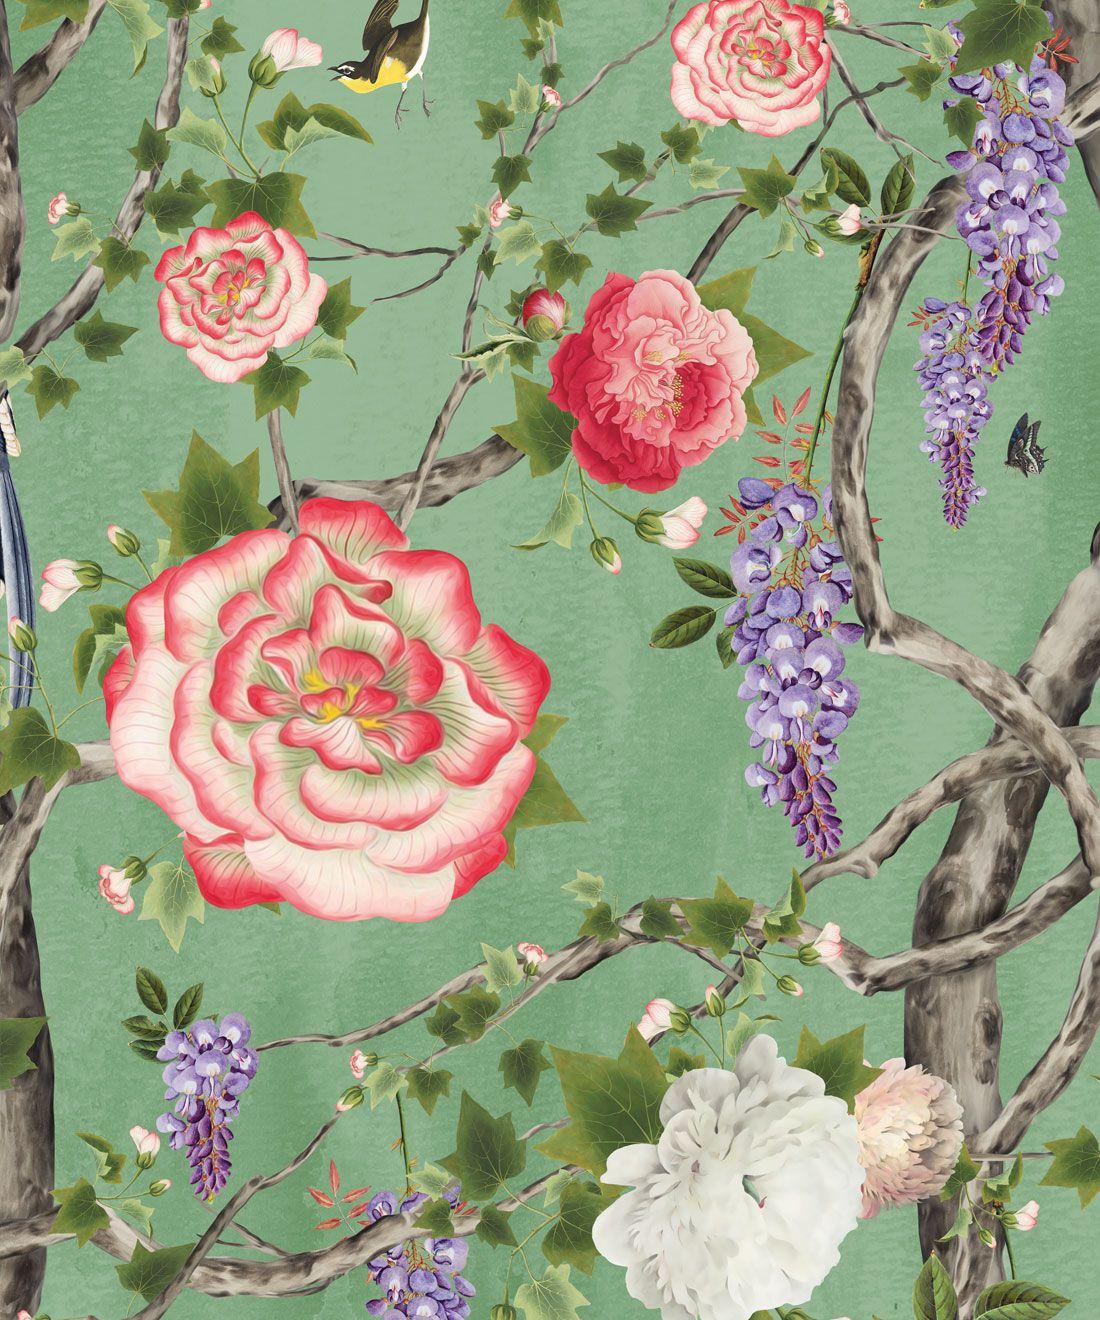 Empress Wallpaper • Romantic Wallpaper • Floral Wallpaper • Chinoiserie Wallpaper • Tea Garden Green colour wallpaper swatch